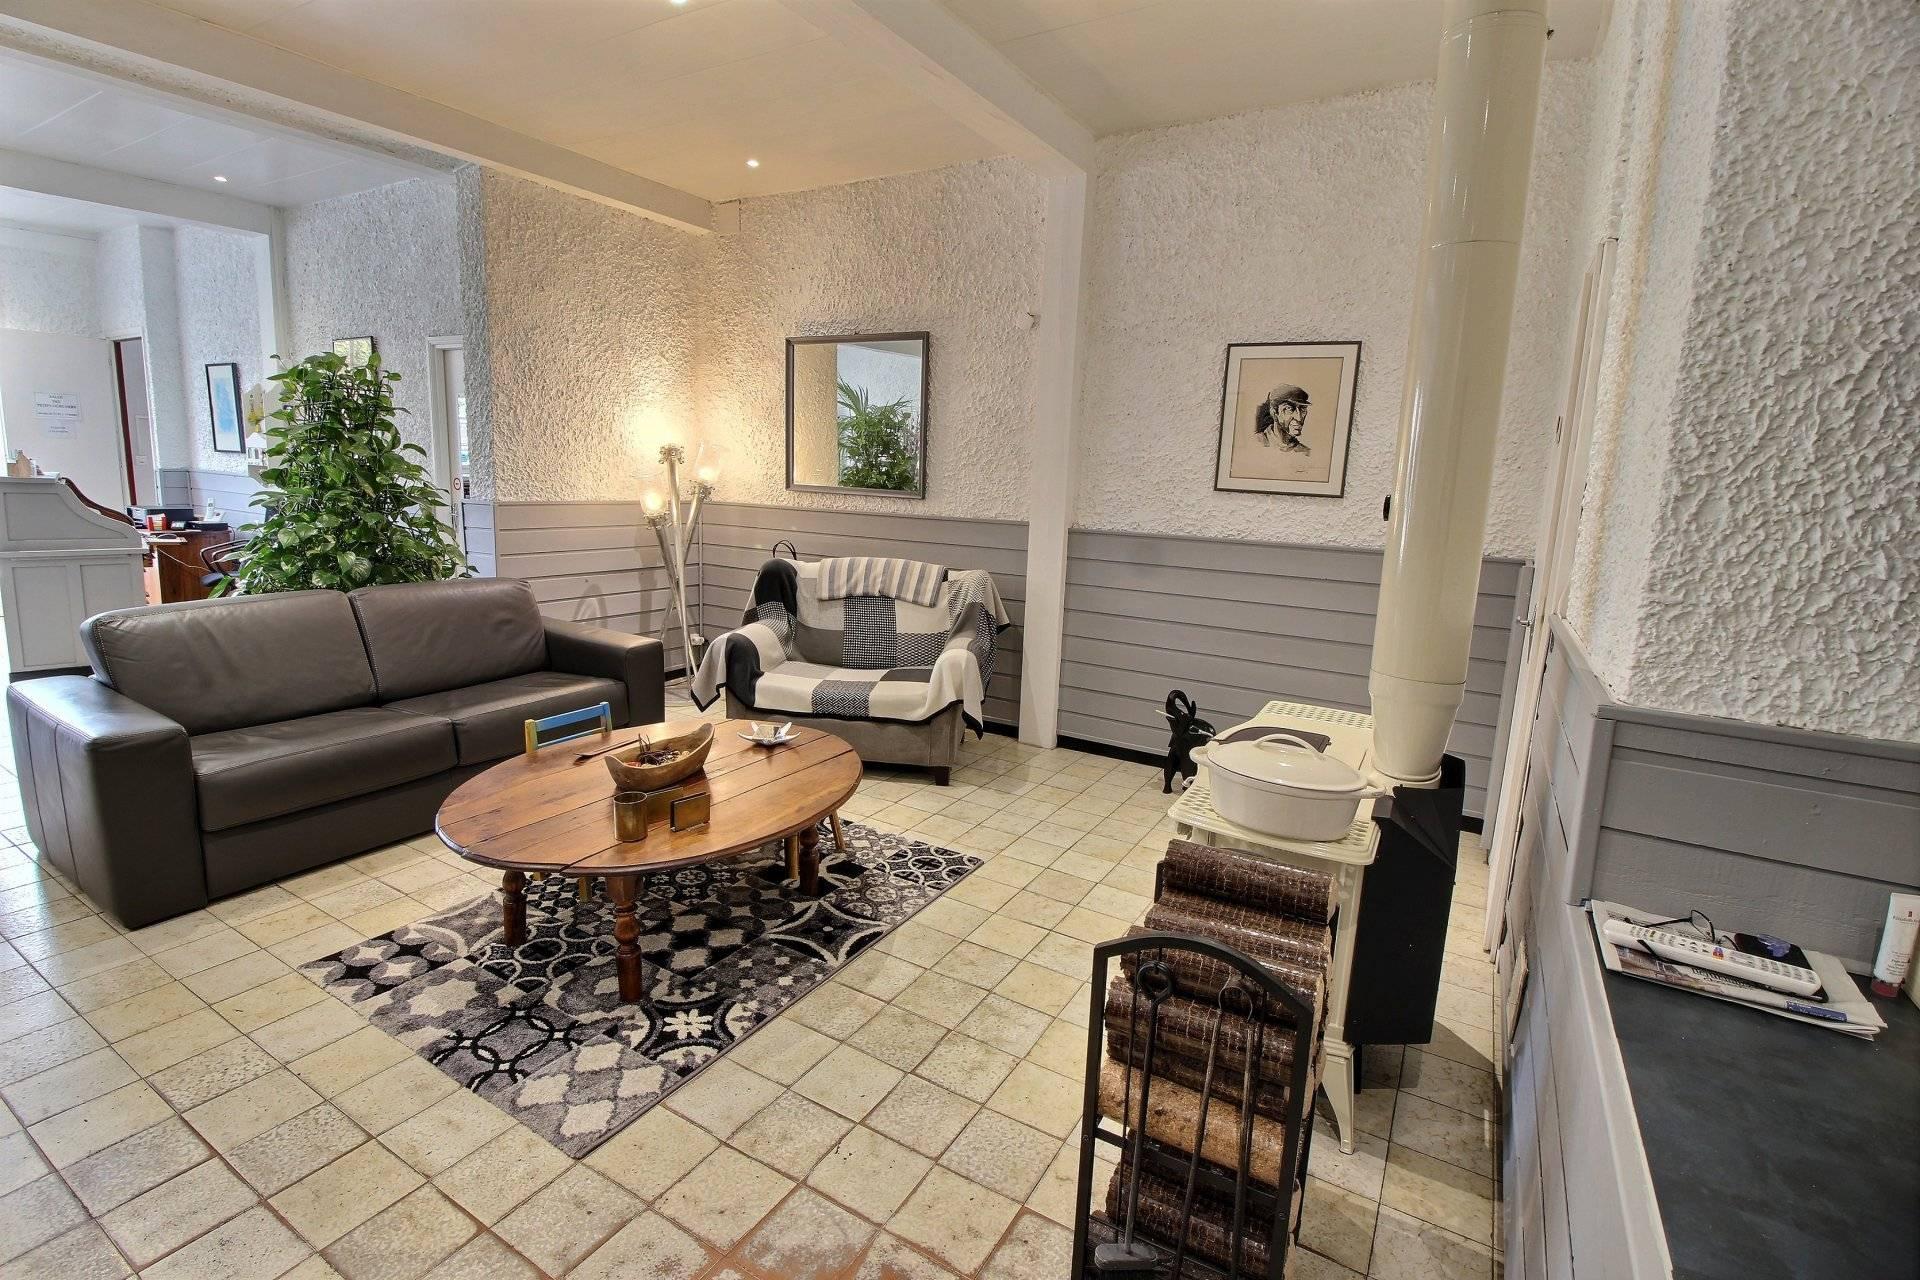 Vente maison avec chambres d 39 h tes arcachon gironde - Chambre d hote bassin d arcachon ...